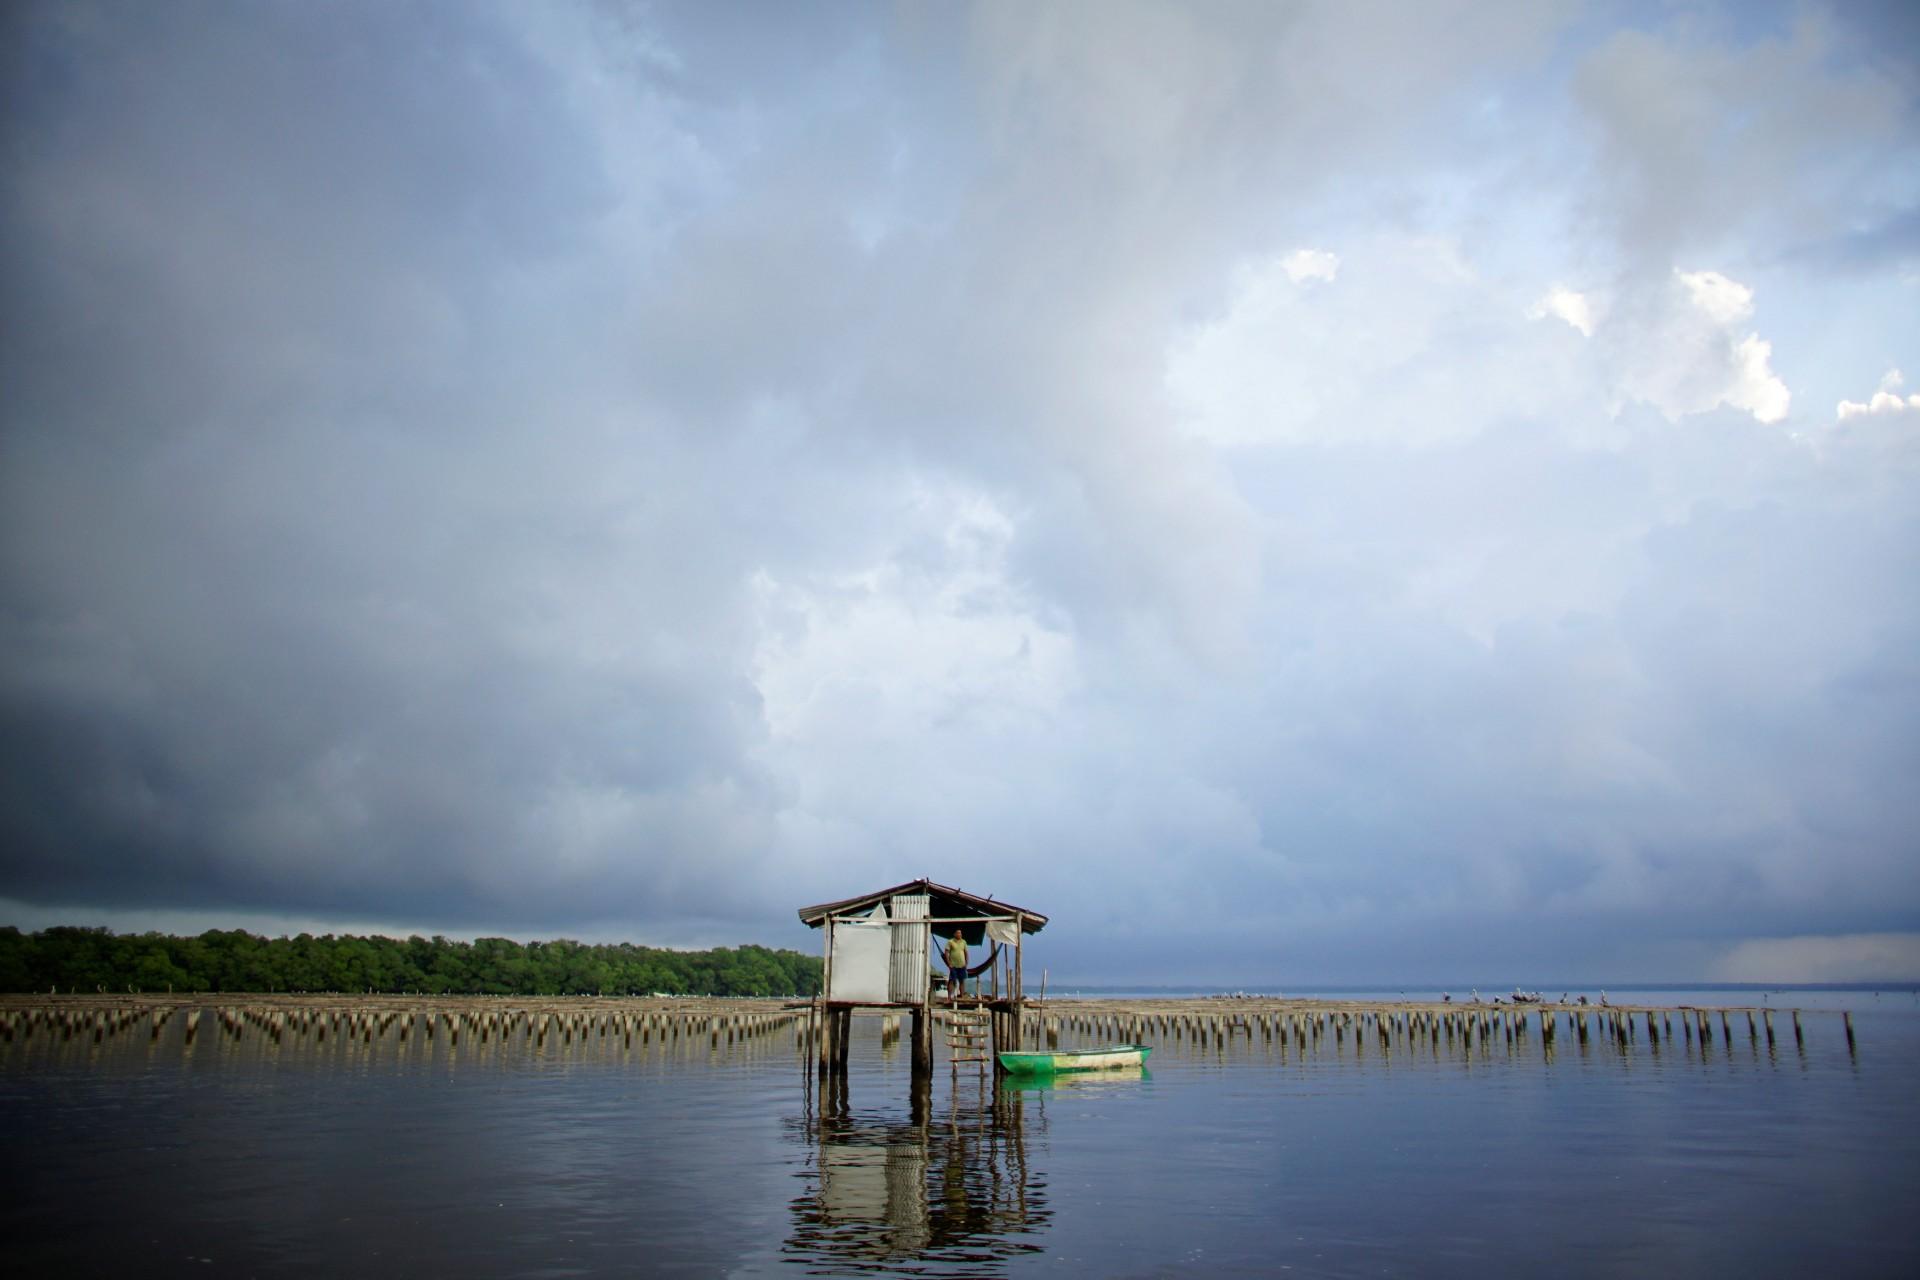 Fortunato Domínguez de la Cruz, de 55 años, se encuentra en un refugio donde guarda una granja de ostras en la laguna de Mecoacan cerca de Paraiso, México, el 9 de diciembre de 2018.